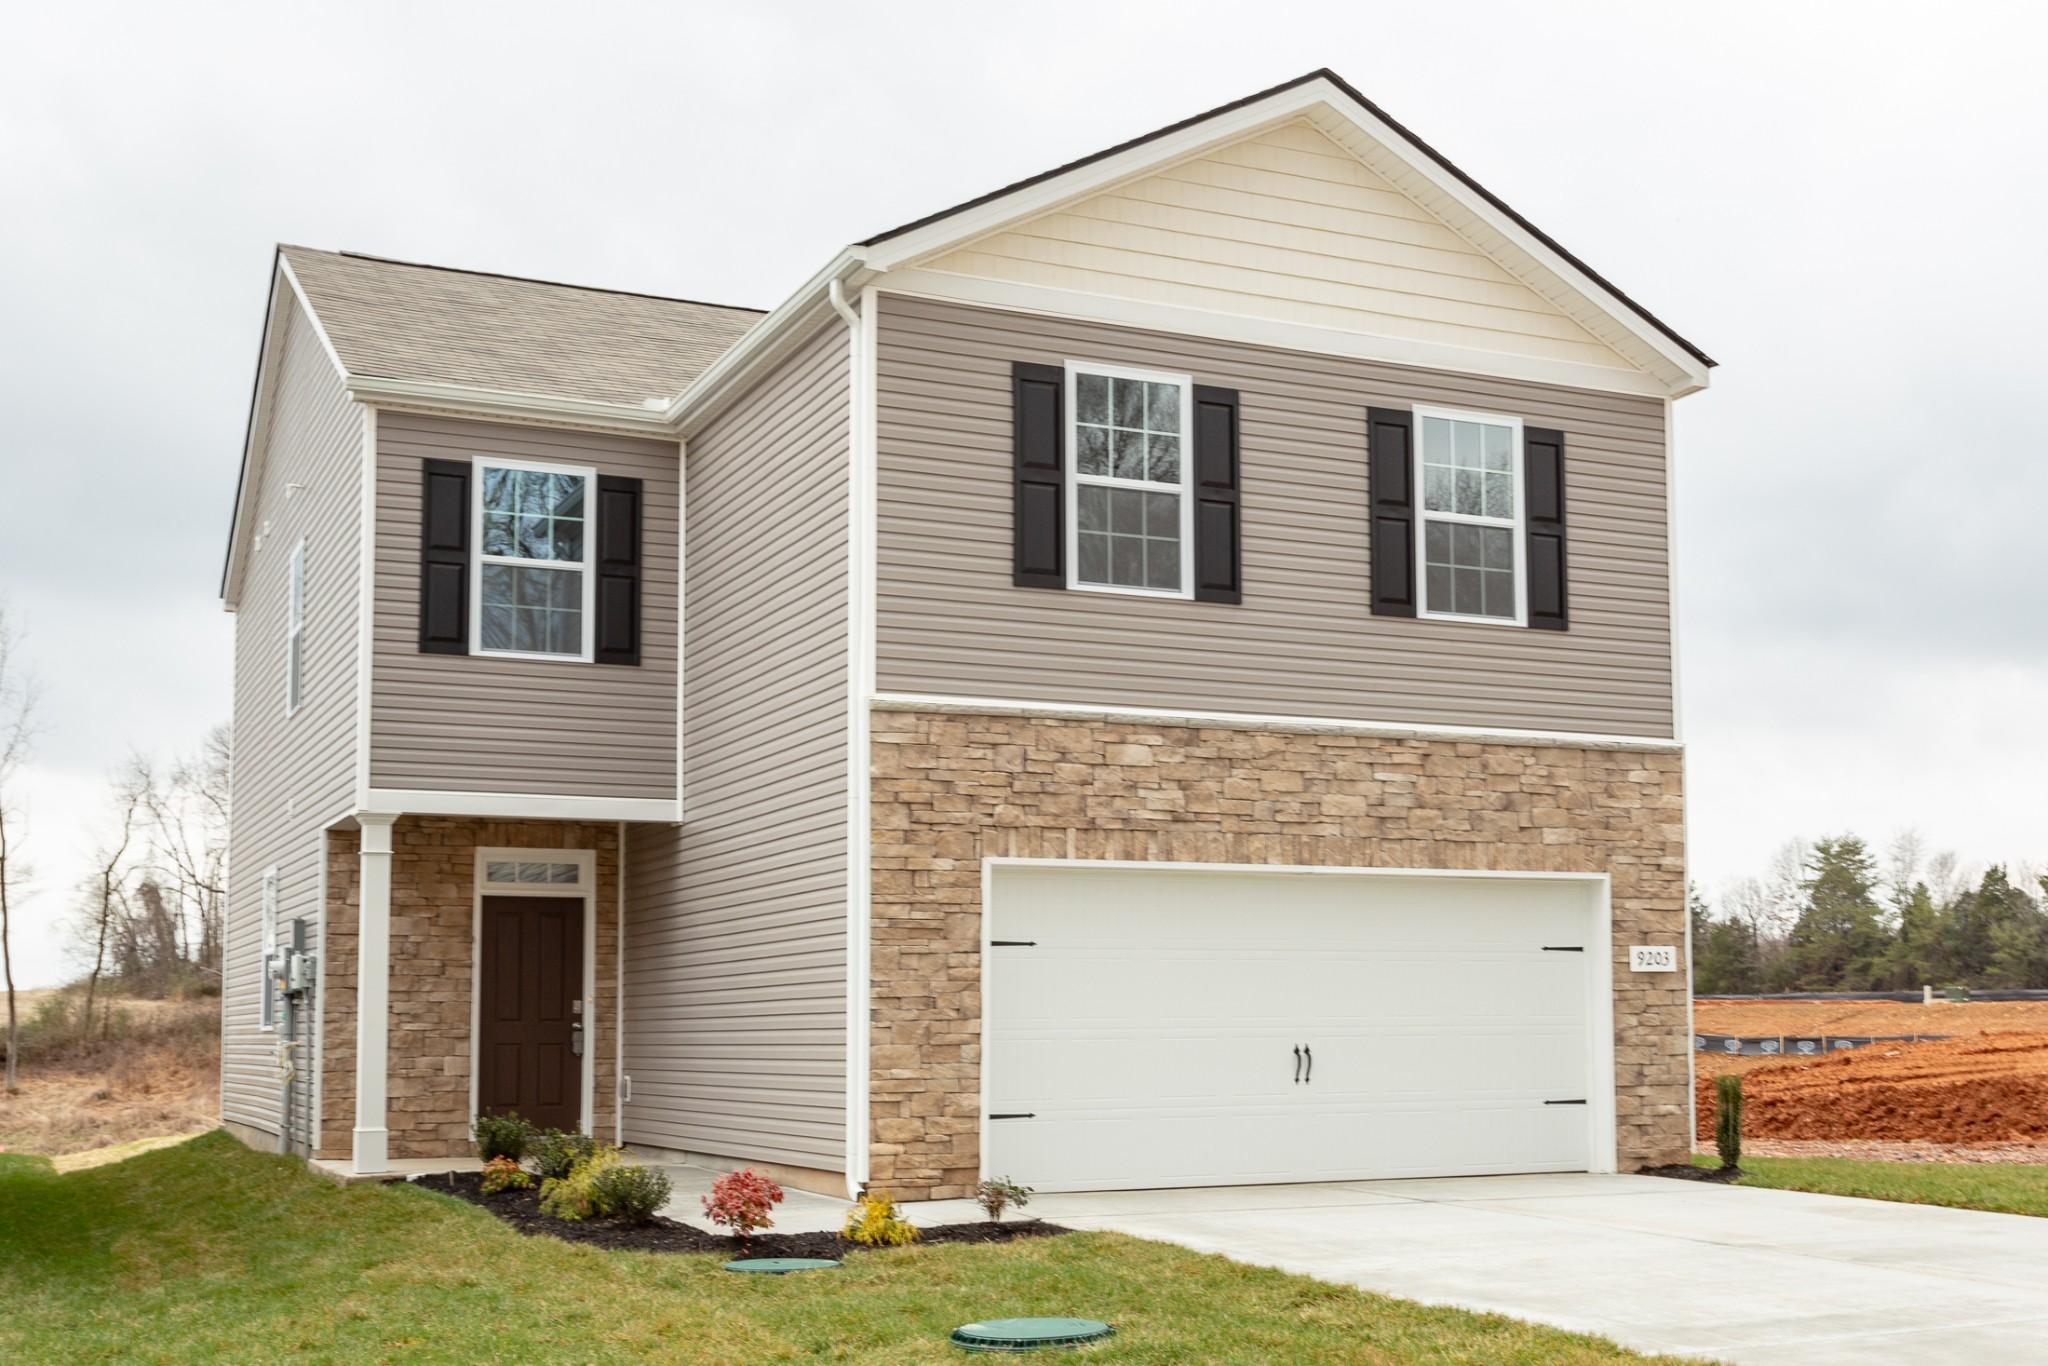 9203 War Eagles Way, Ashland City, TN 37015 - Ashland City, TN real estate listing